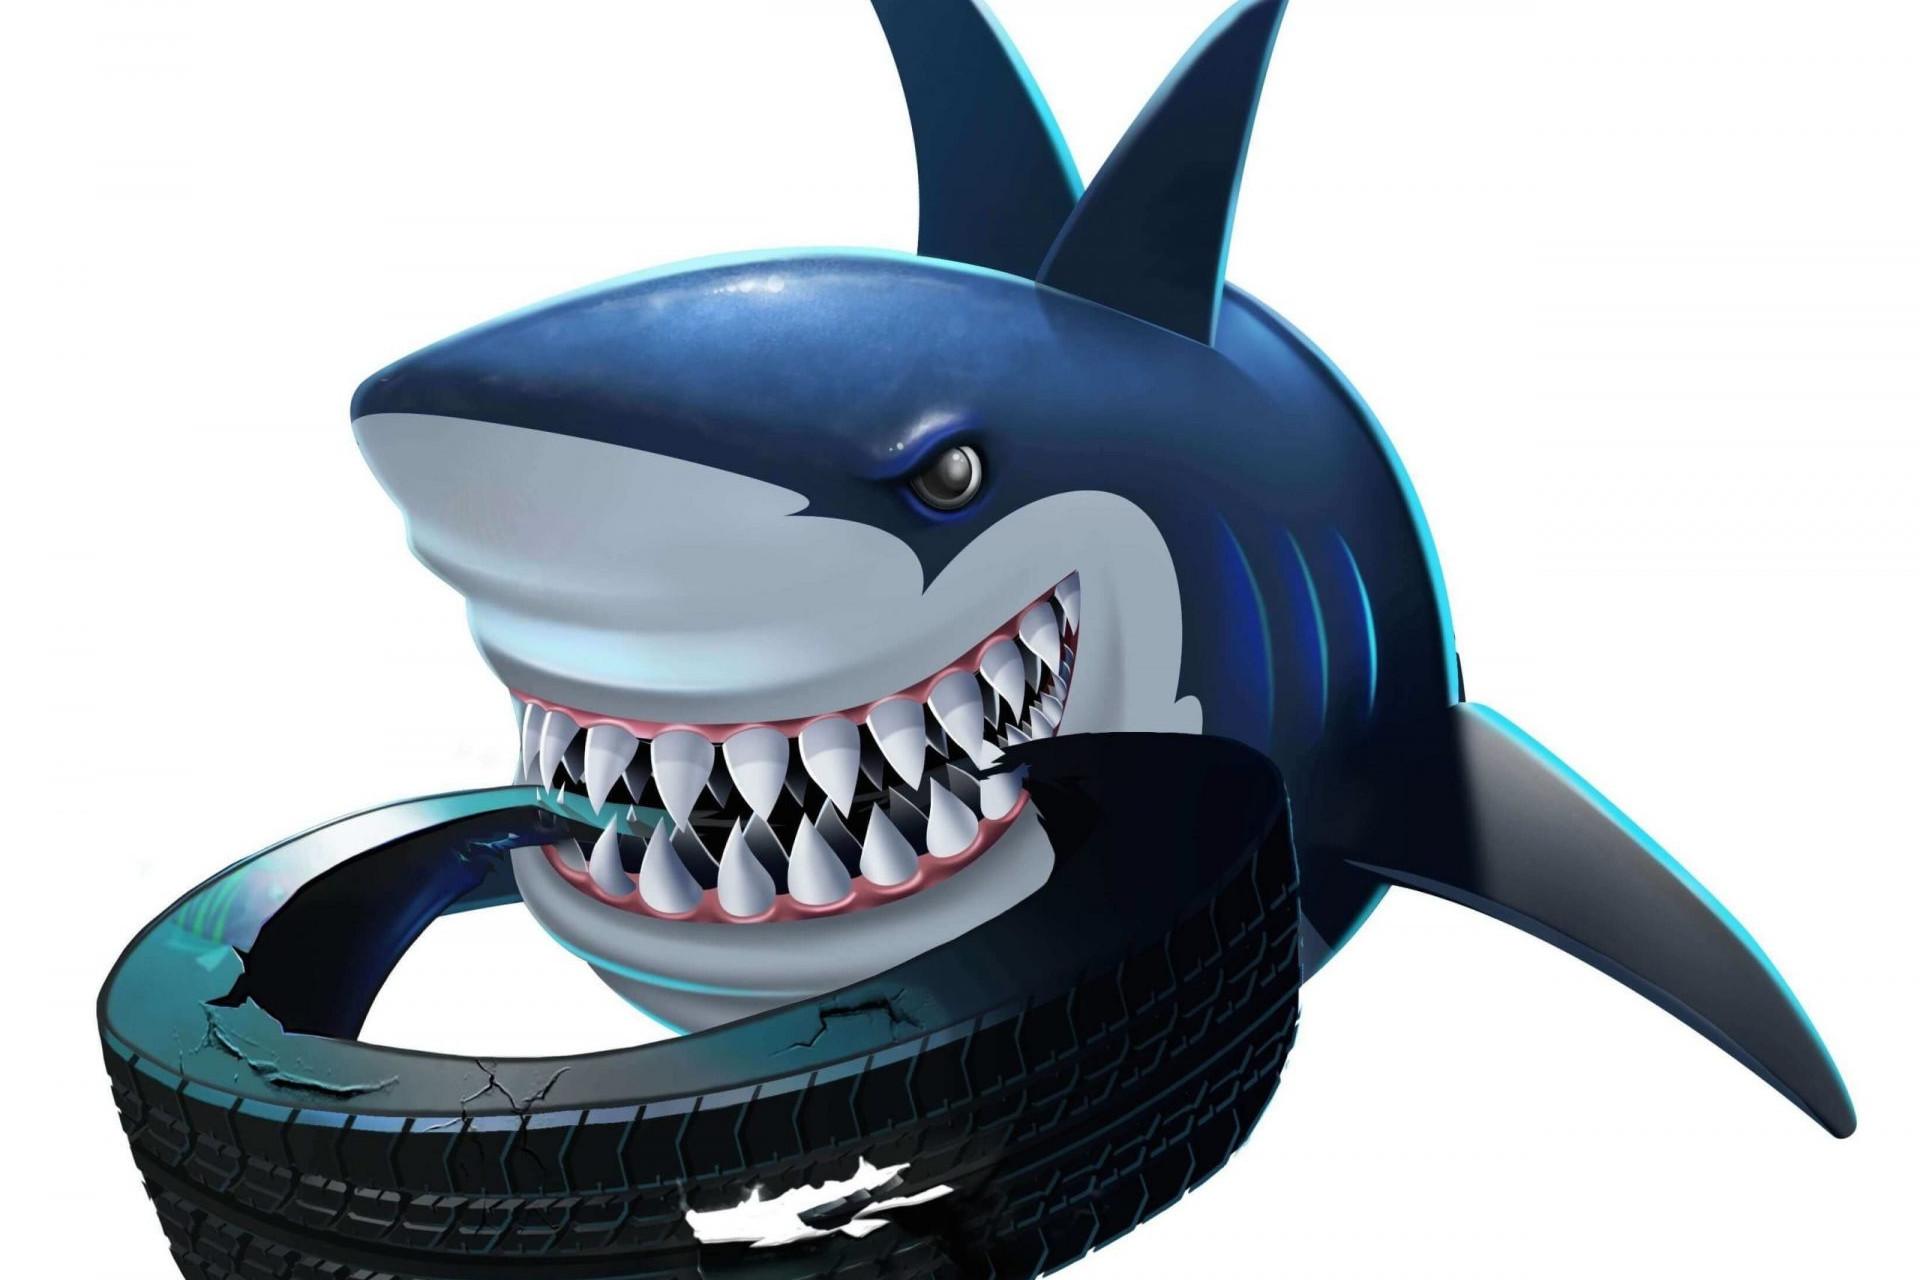 Ilustración de Don Canino, el tiburón más fuerte del arrecife de colores del cuento Si los peces hablaran... de Sandra Santa Cruz, muerde con sus feroces dientes una rueda desgastada que tiene un agujero por un lado.